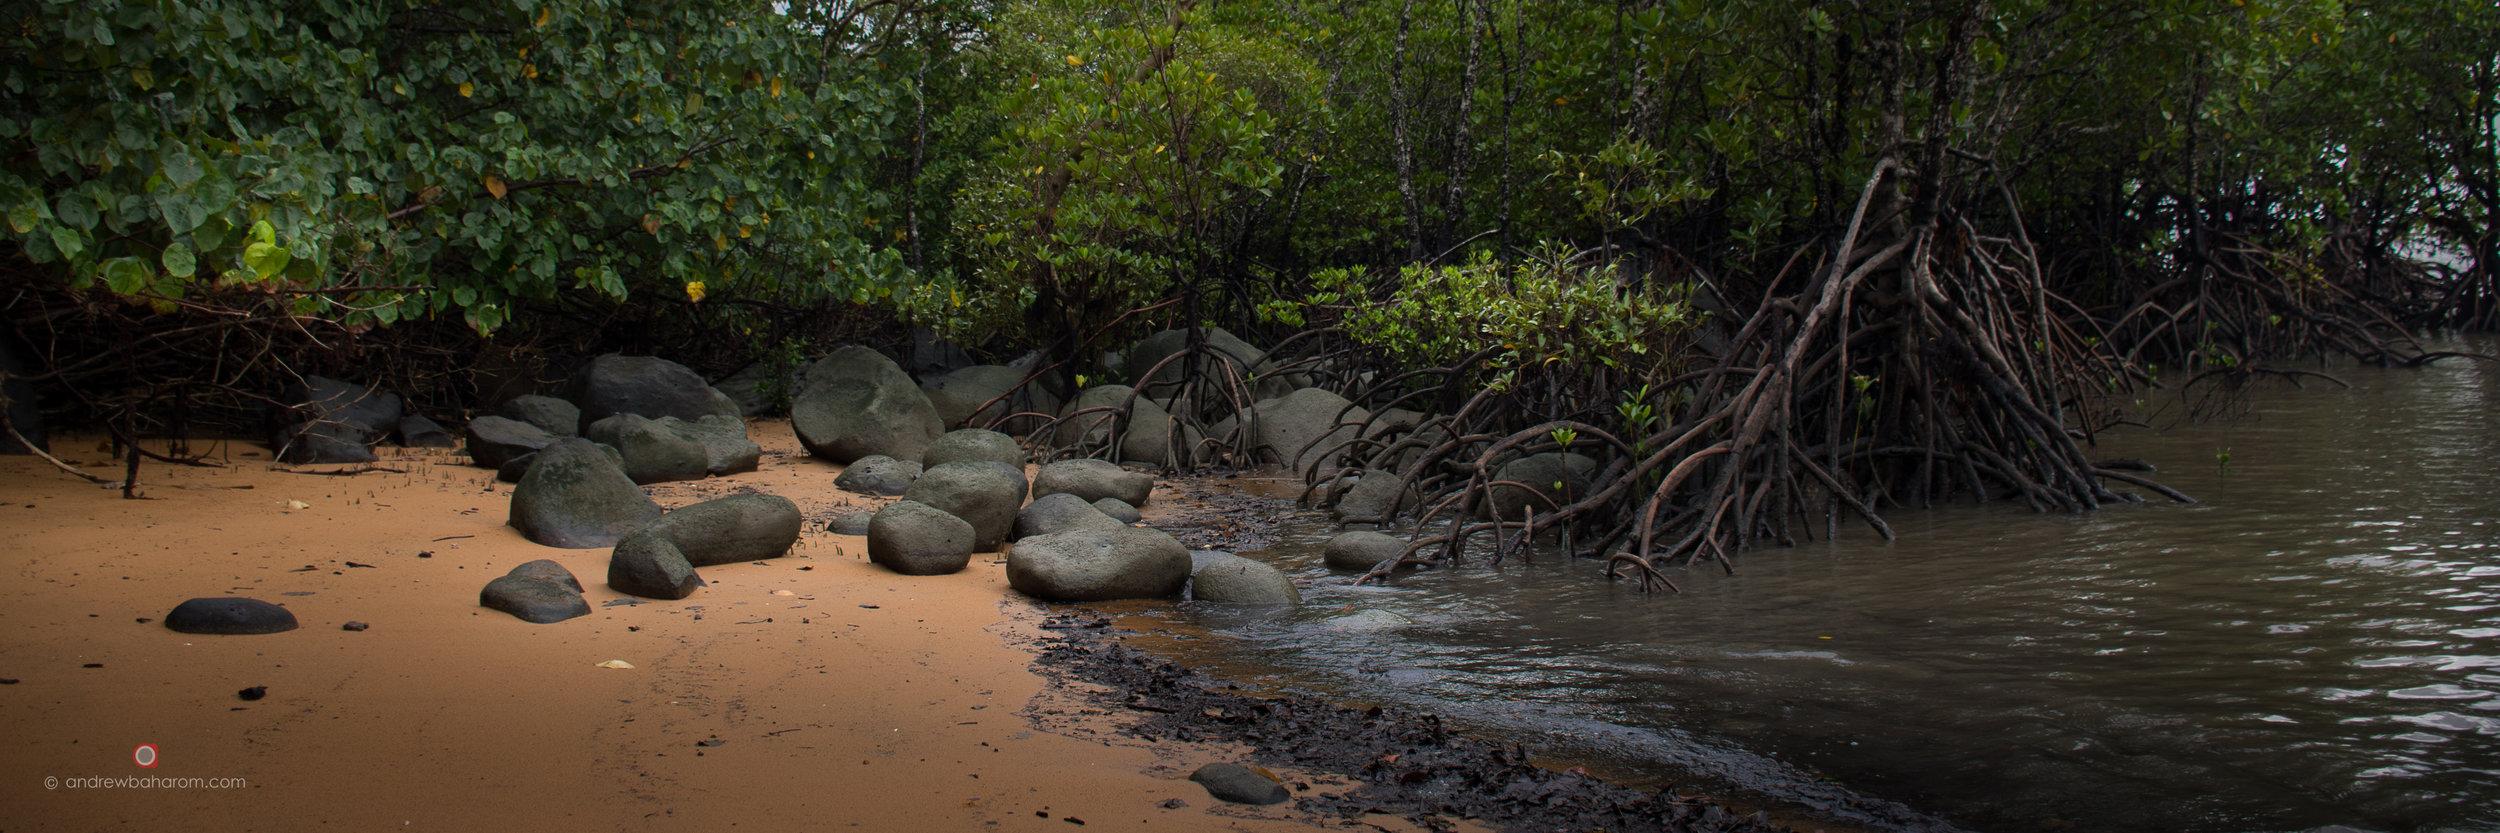 Mission Beach Mangrove.jpg